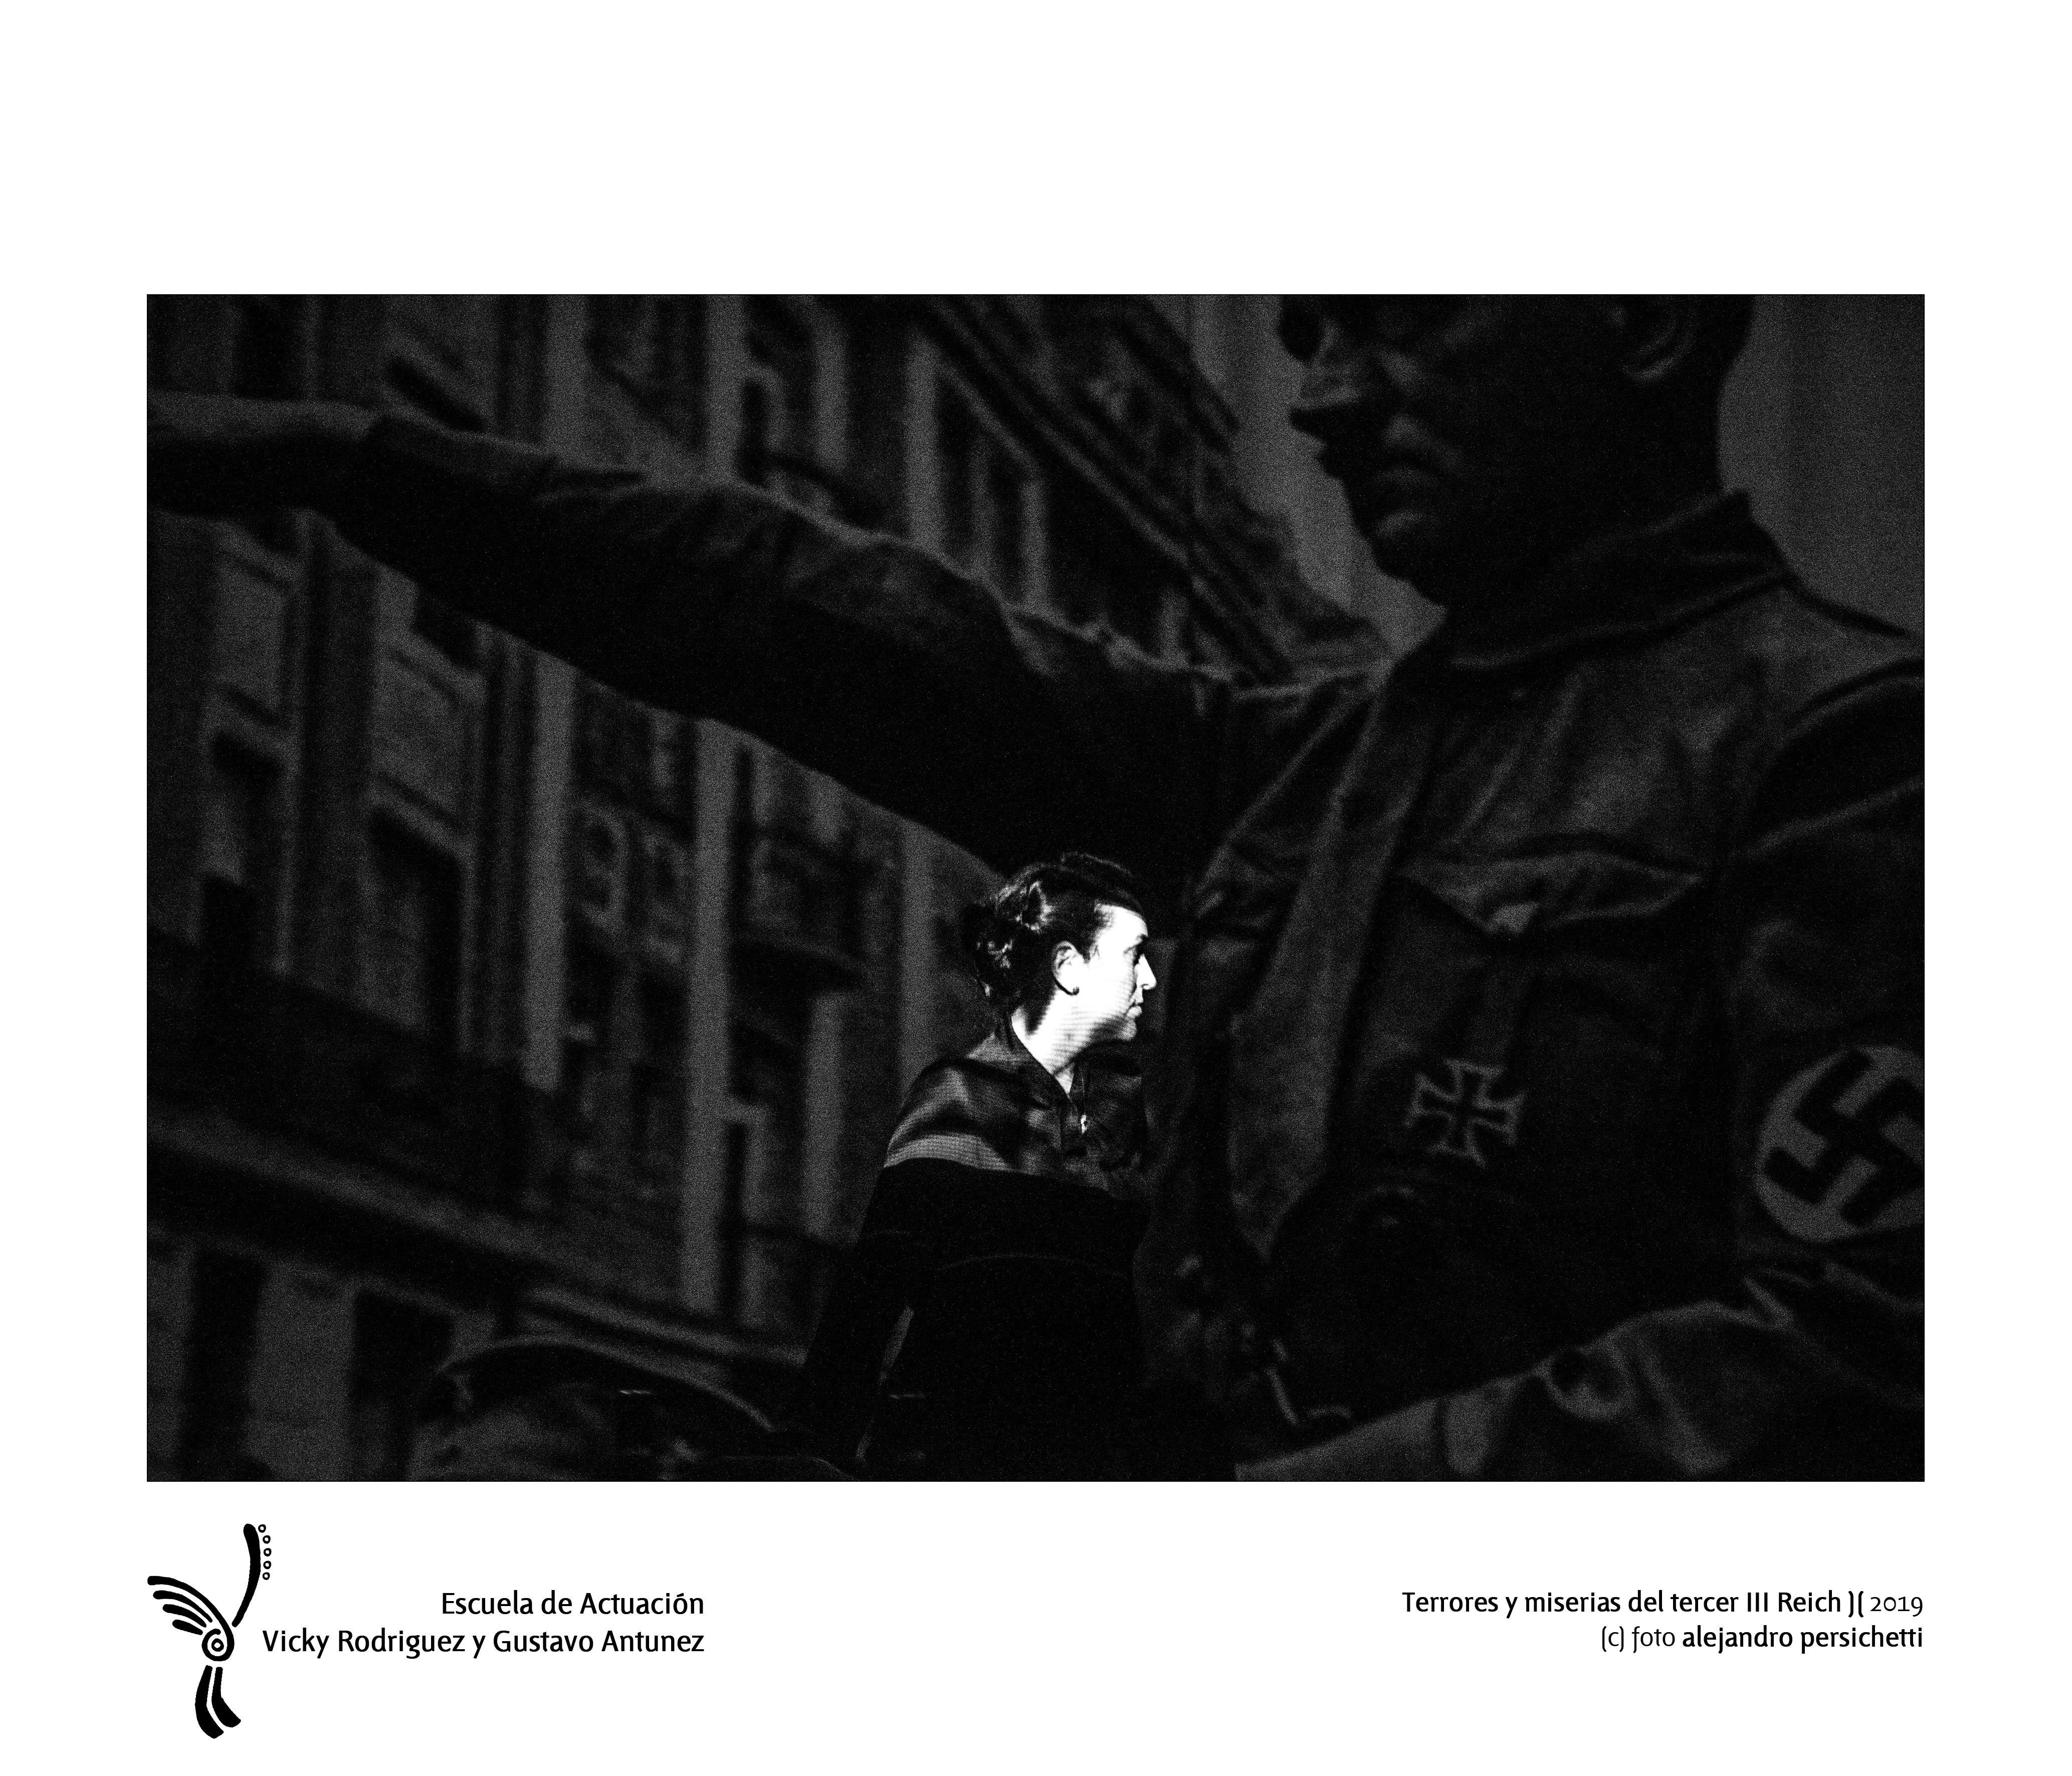 Terror y miseria 0030 (C)A_Persichetti c